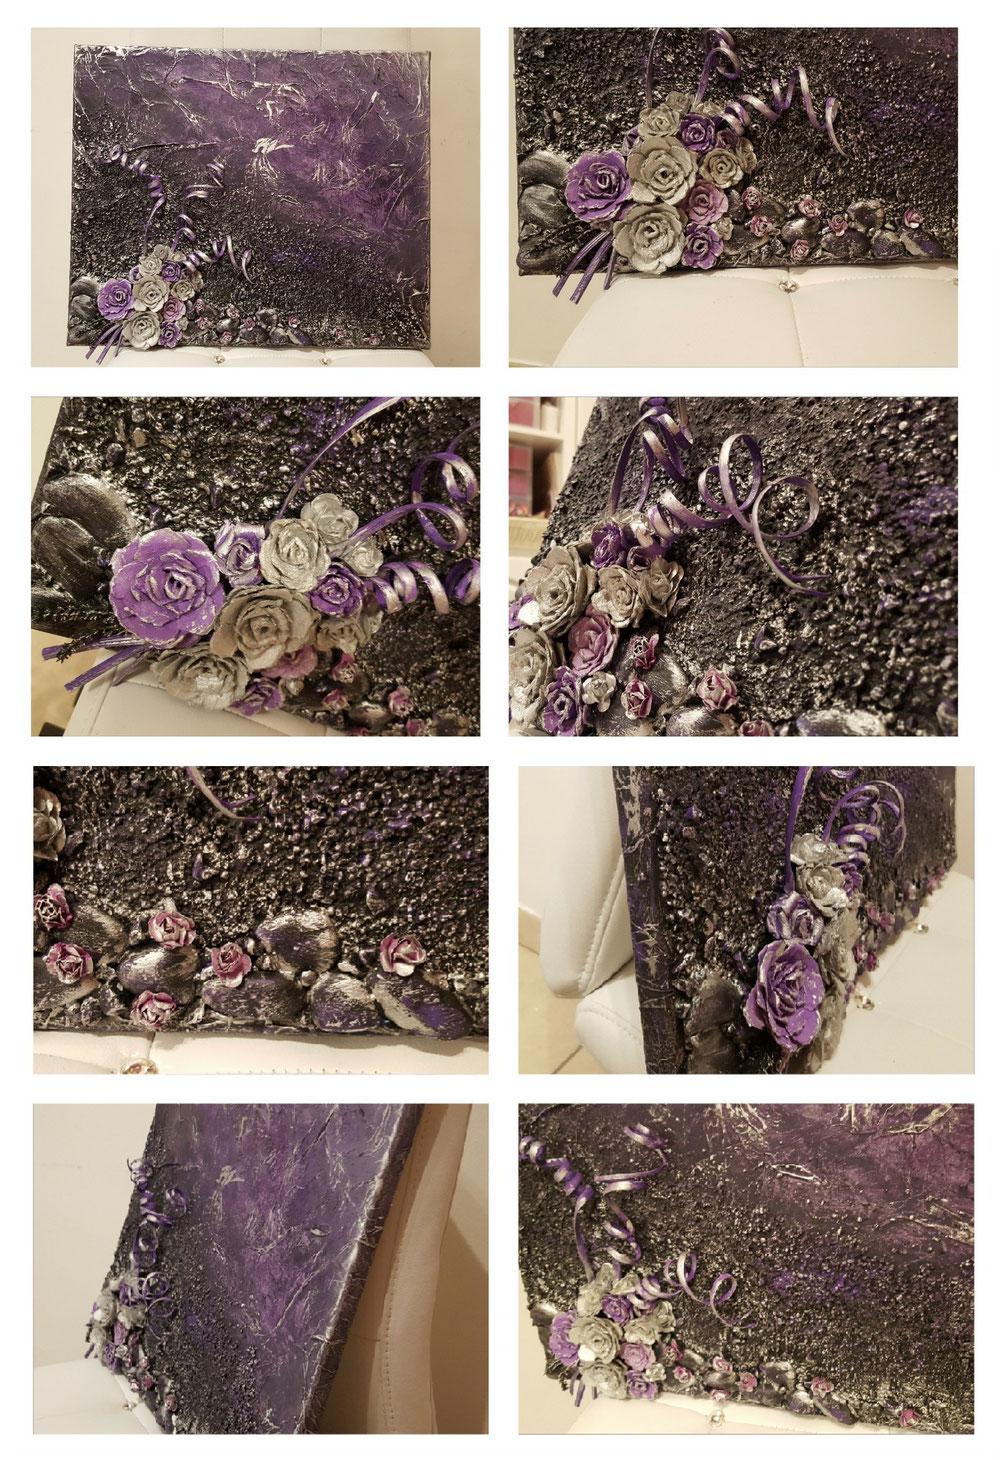 Tella + fiori fatti a mano e aggiunta di oggetti decorativi